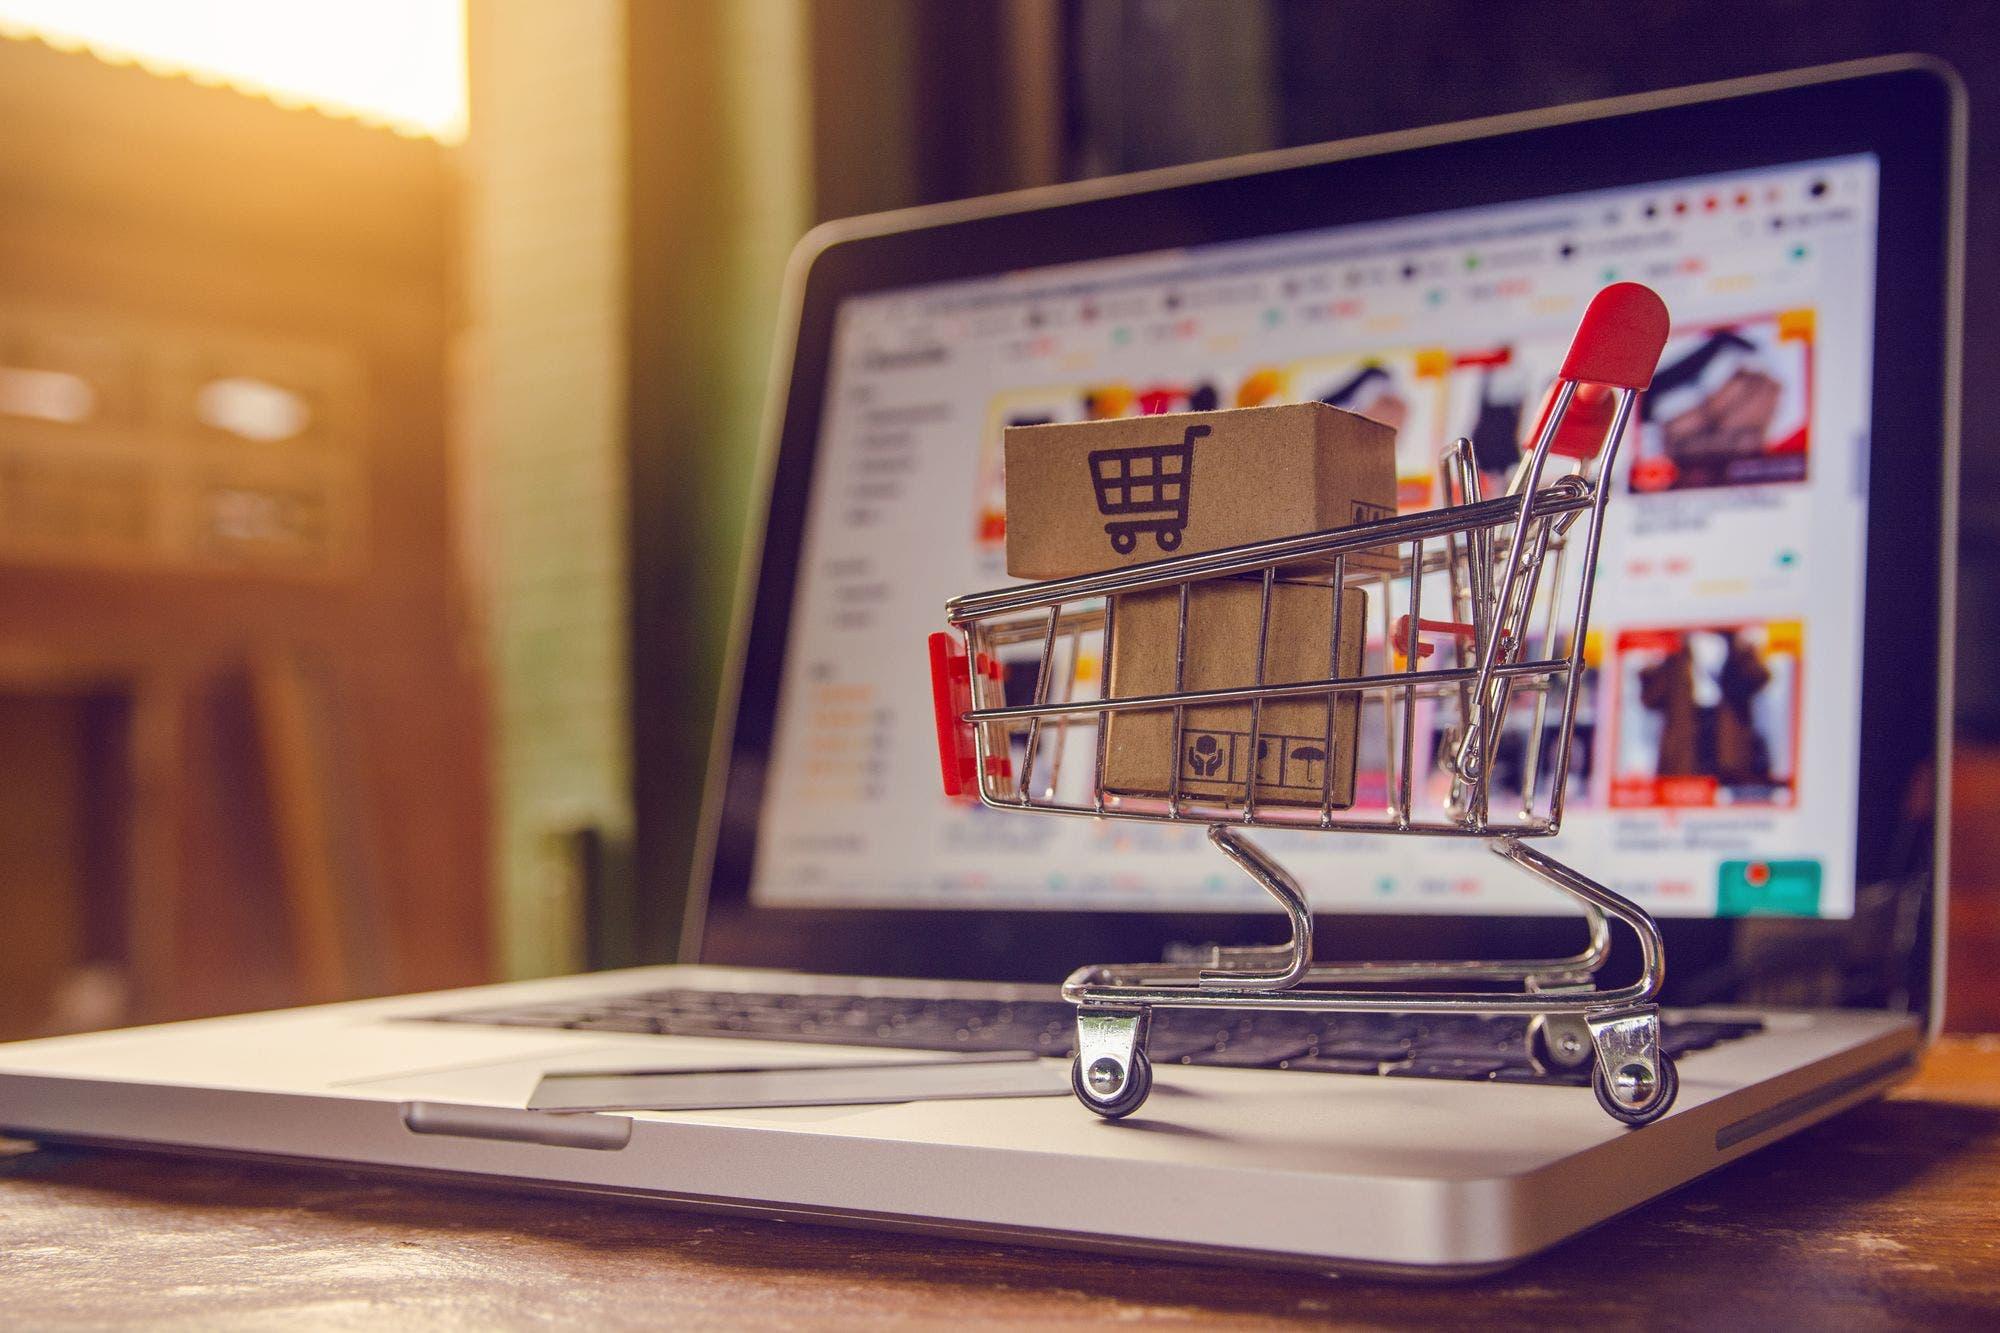 Las ventas online se consolidan en el país, y la tendencia llegó para quedarse